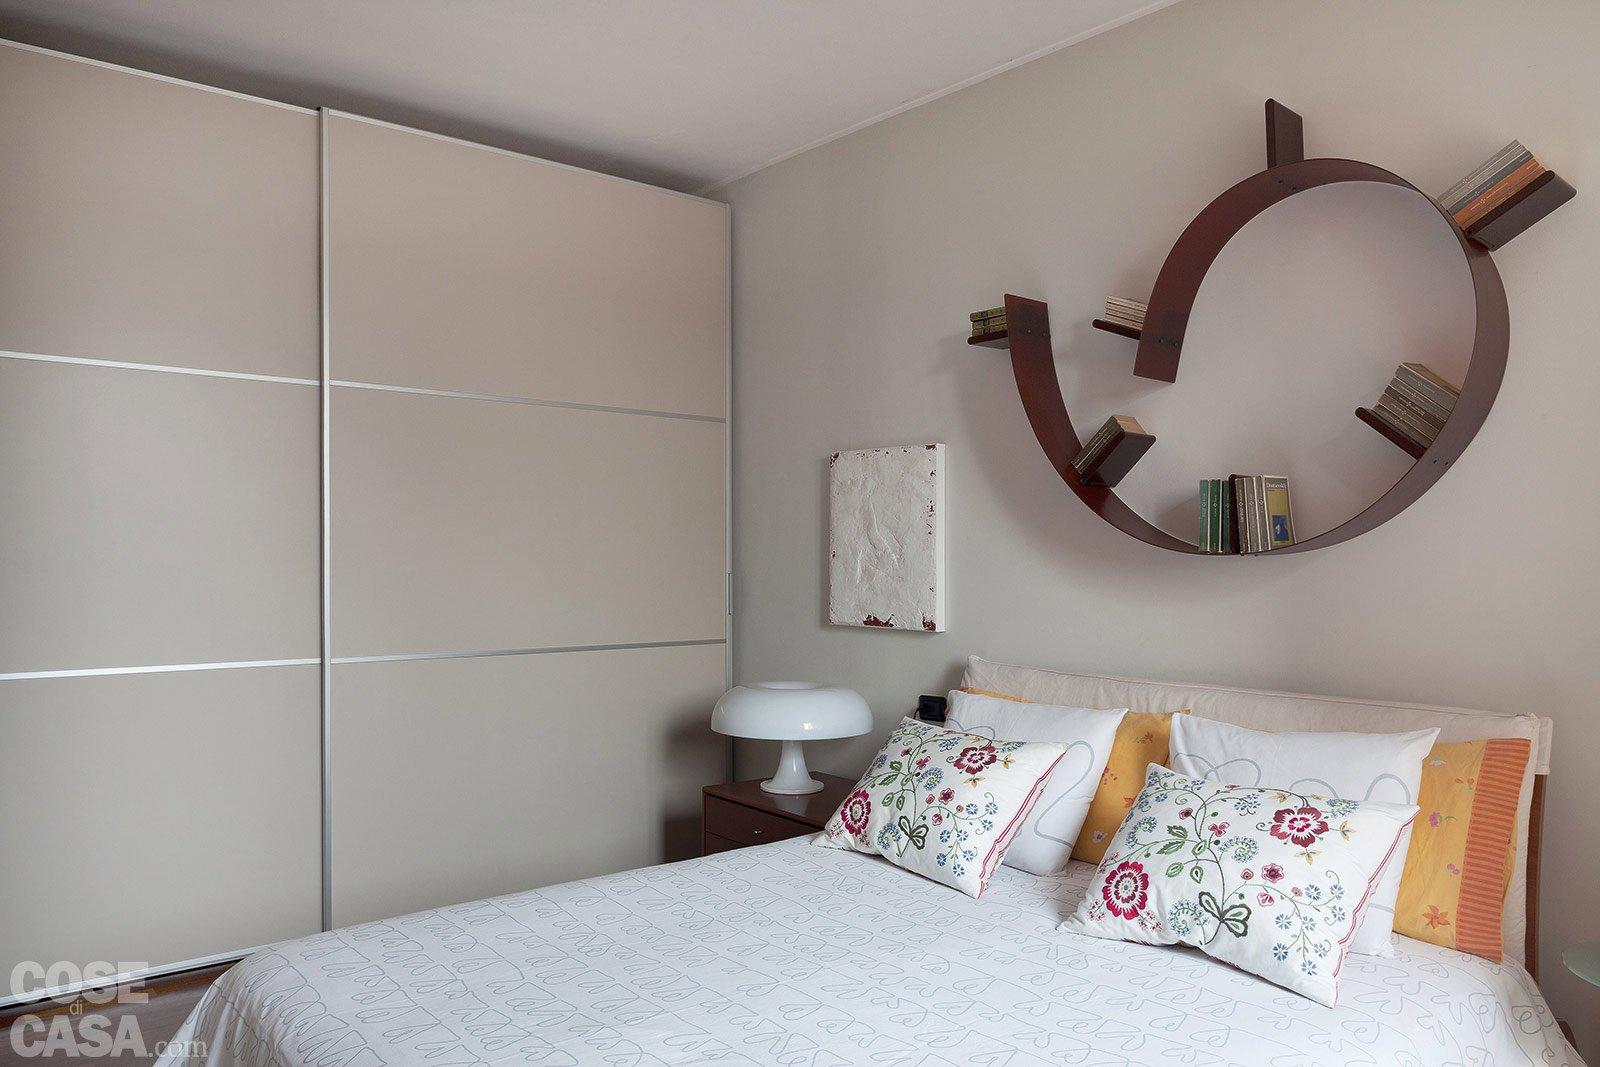 Disegni pareti casa with superiore imbiancare disegni - Fondo rasante per piastrelle murali ...